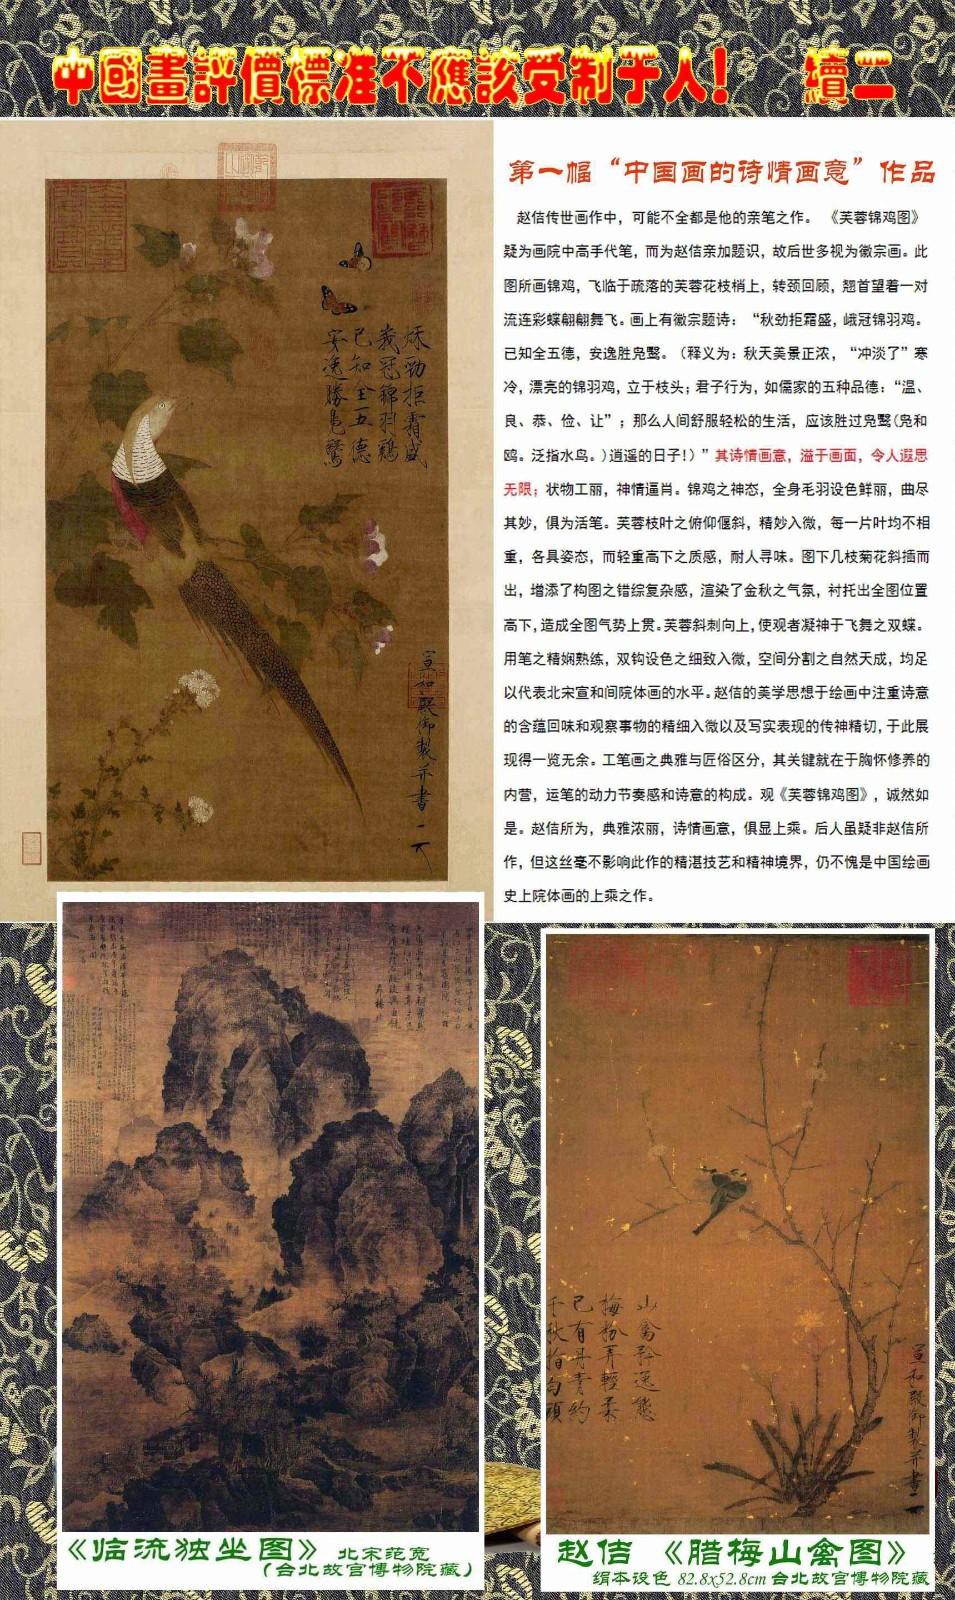 中国画评价标准不应该受制于人!  续二_图1-5